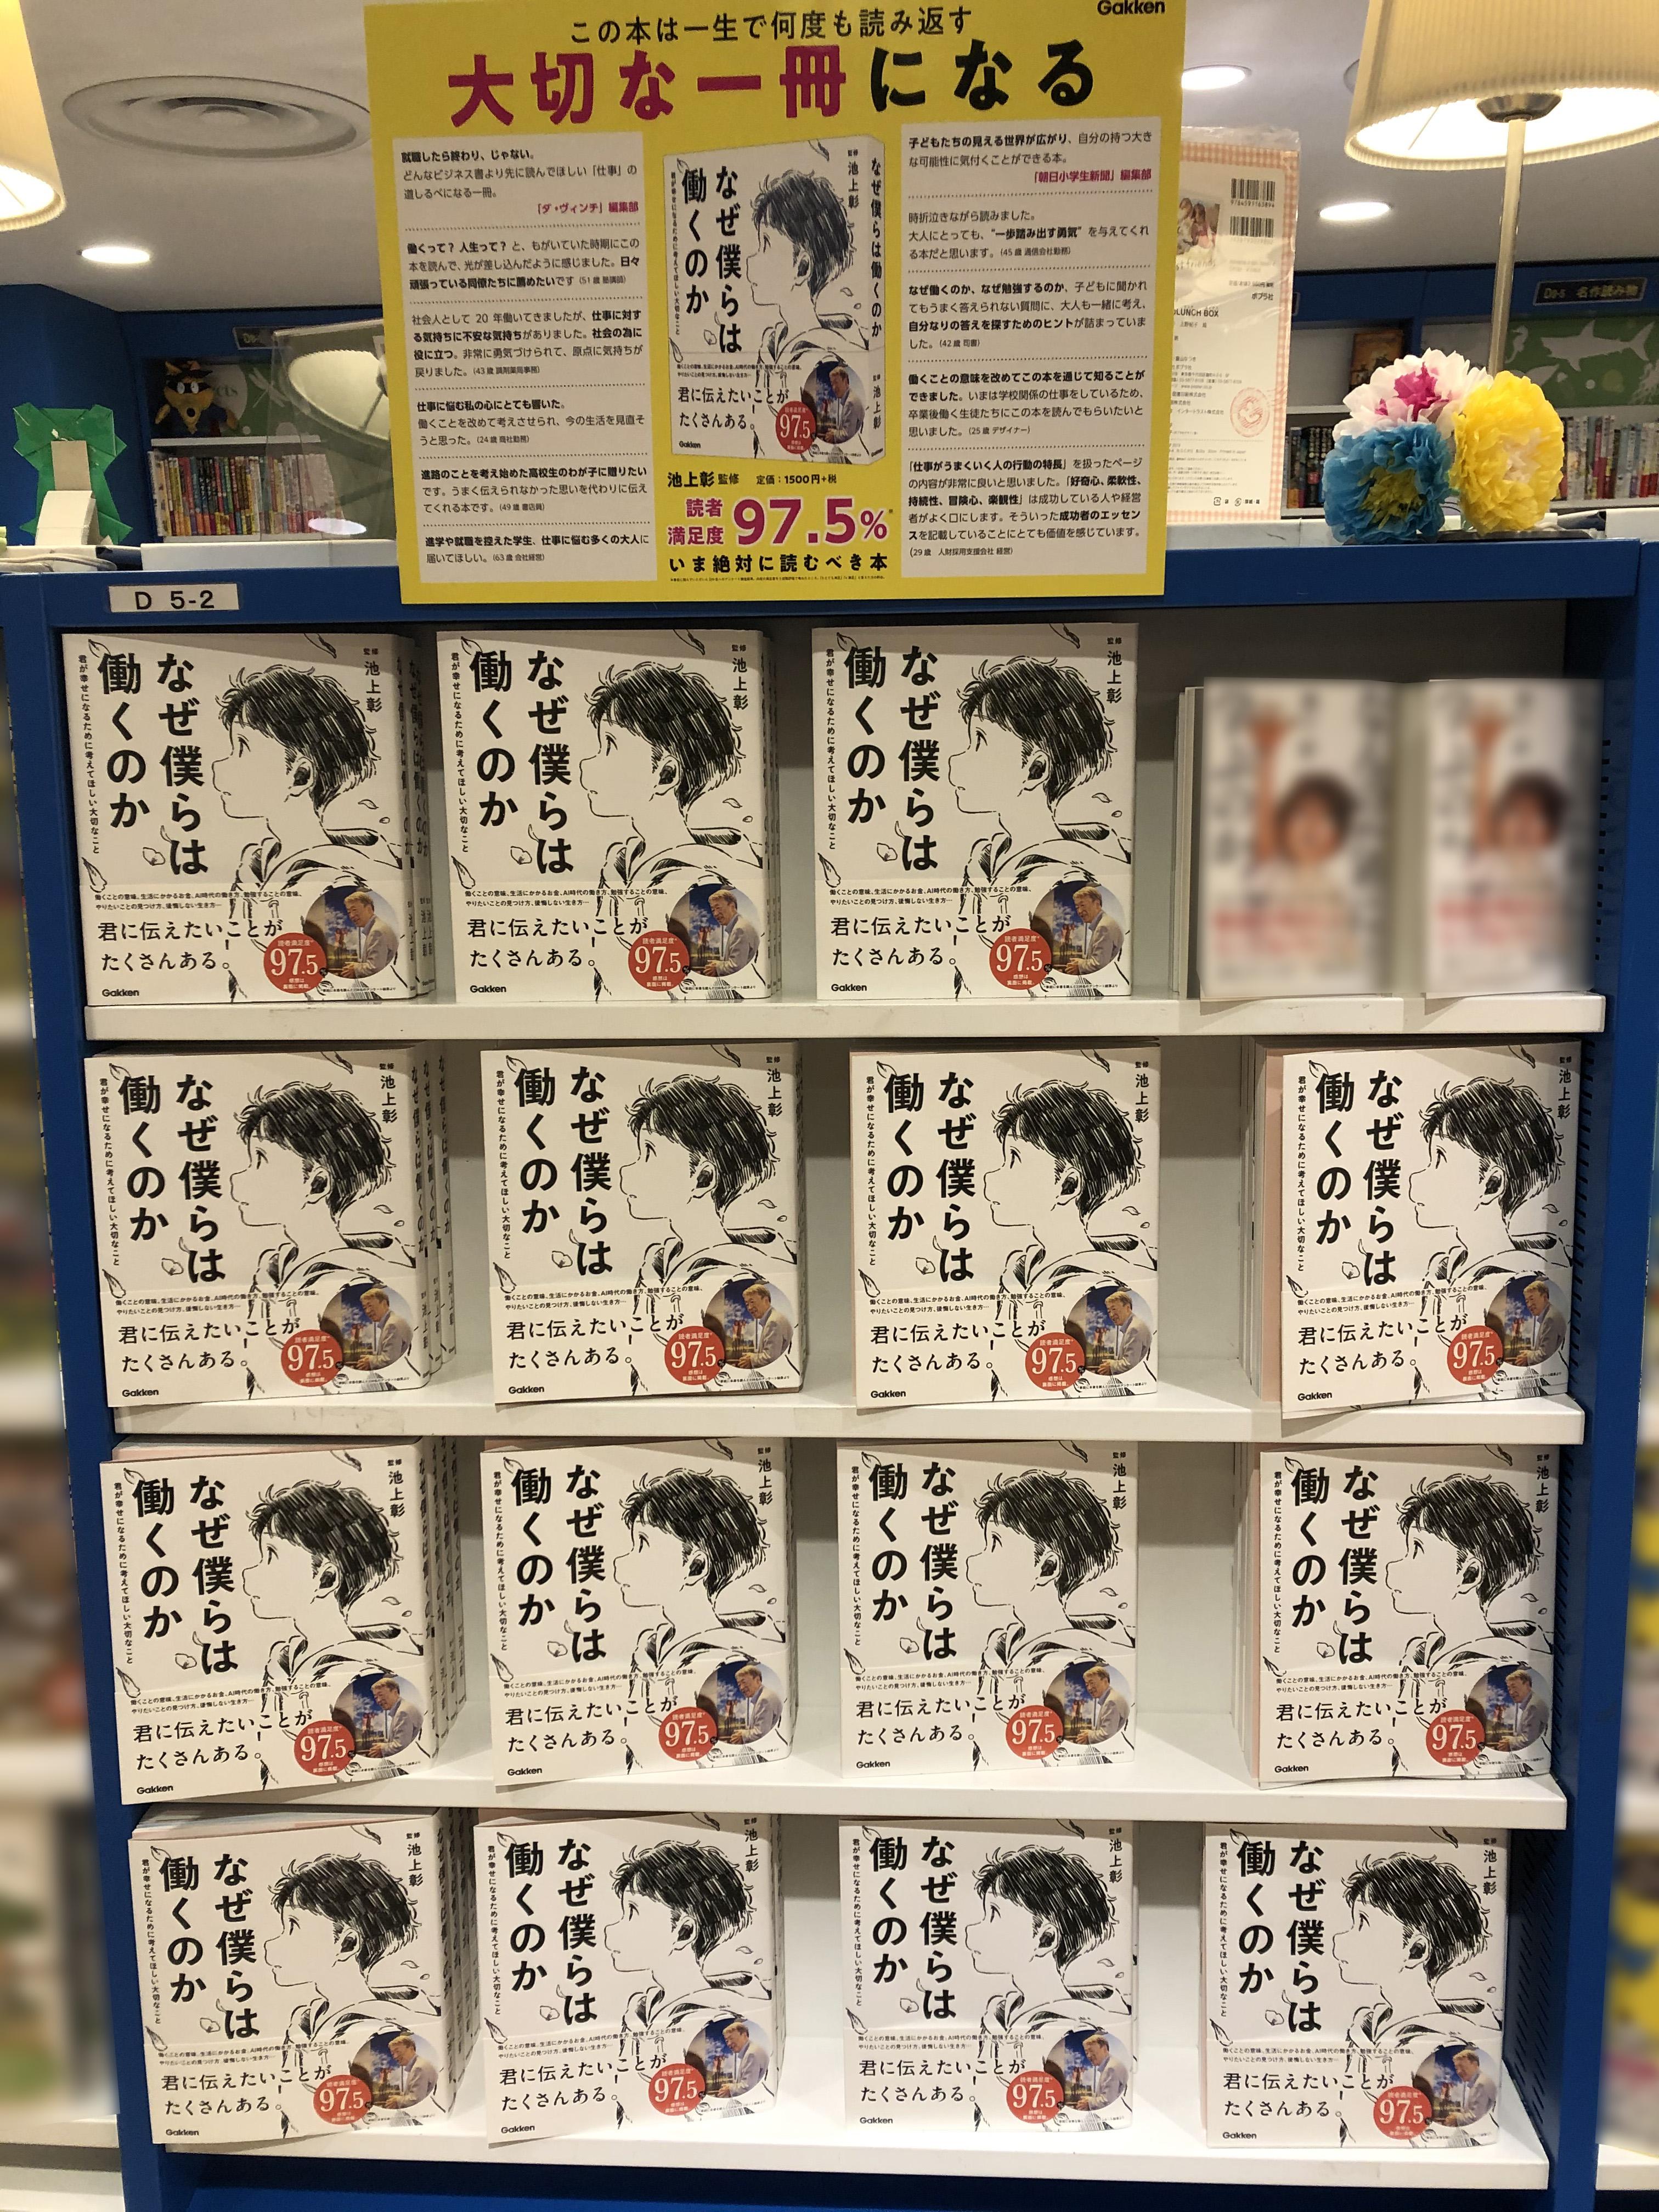 「有隣堂横浜駅西口ジョイナス店での展開の様子」画像